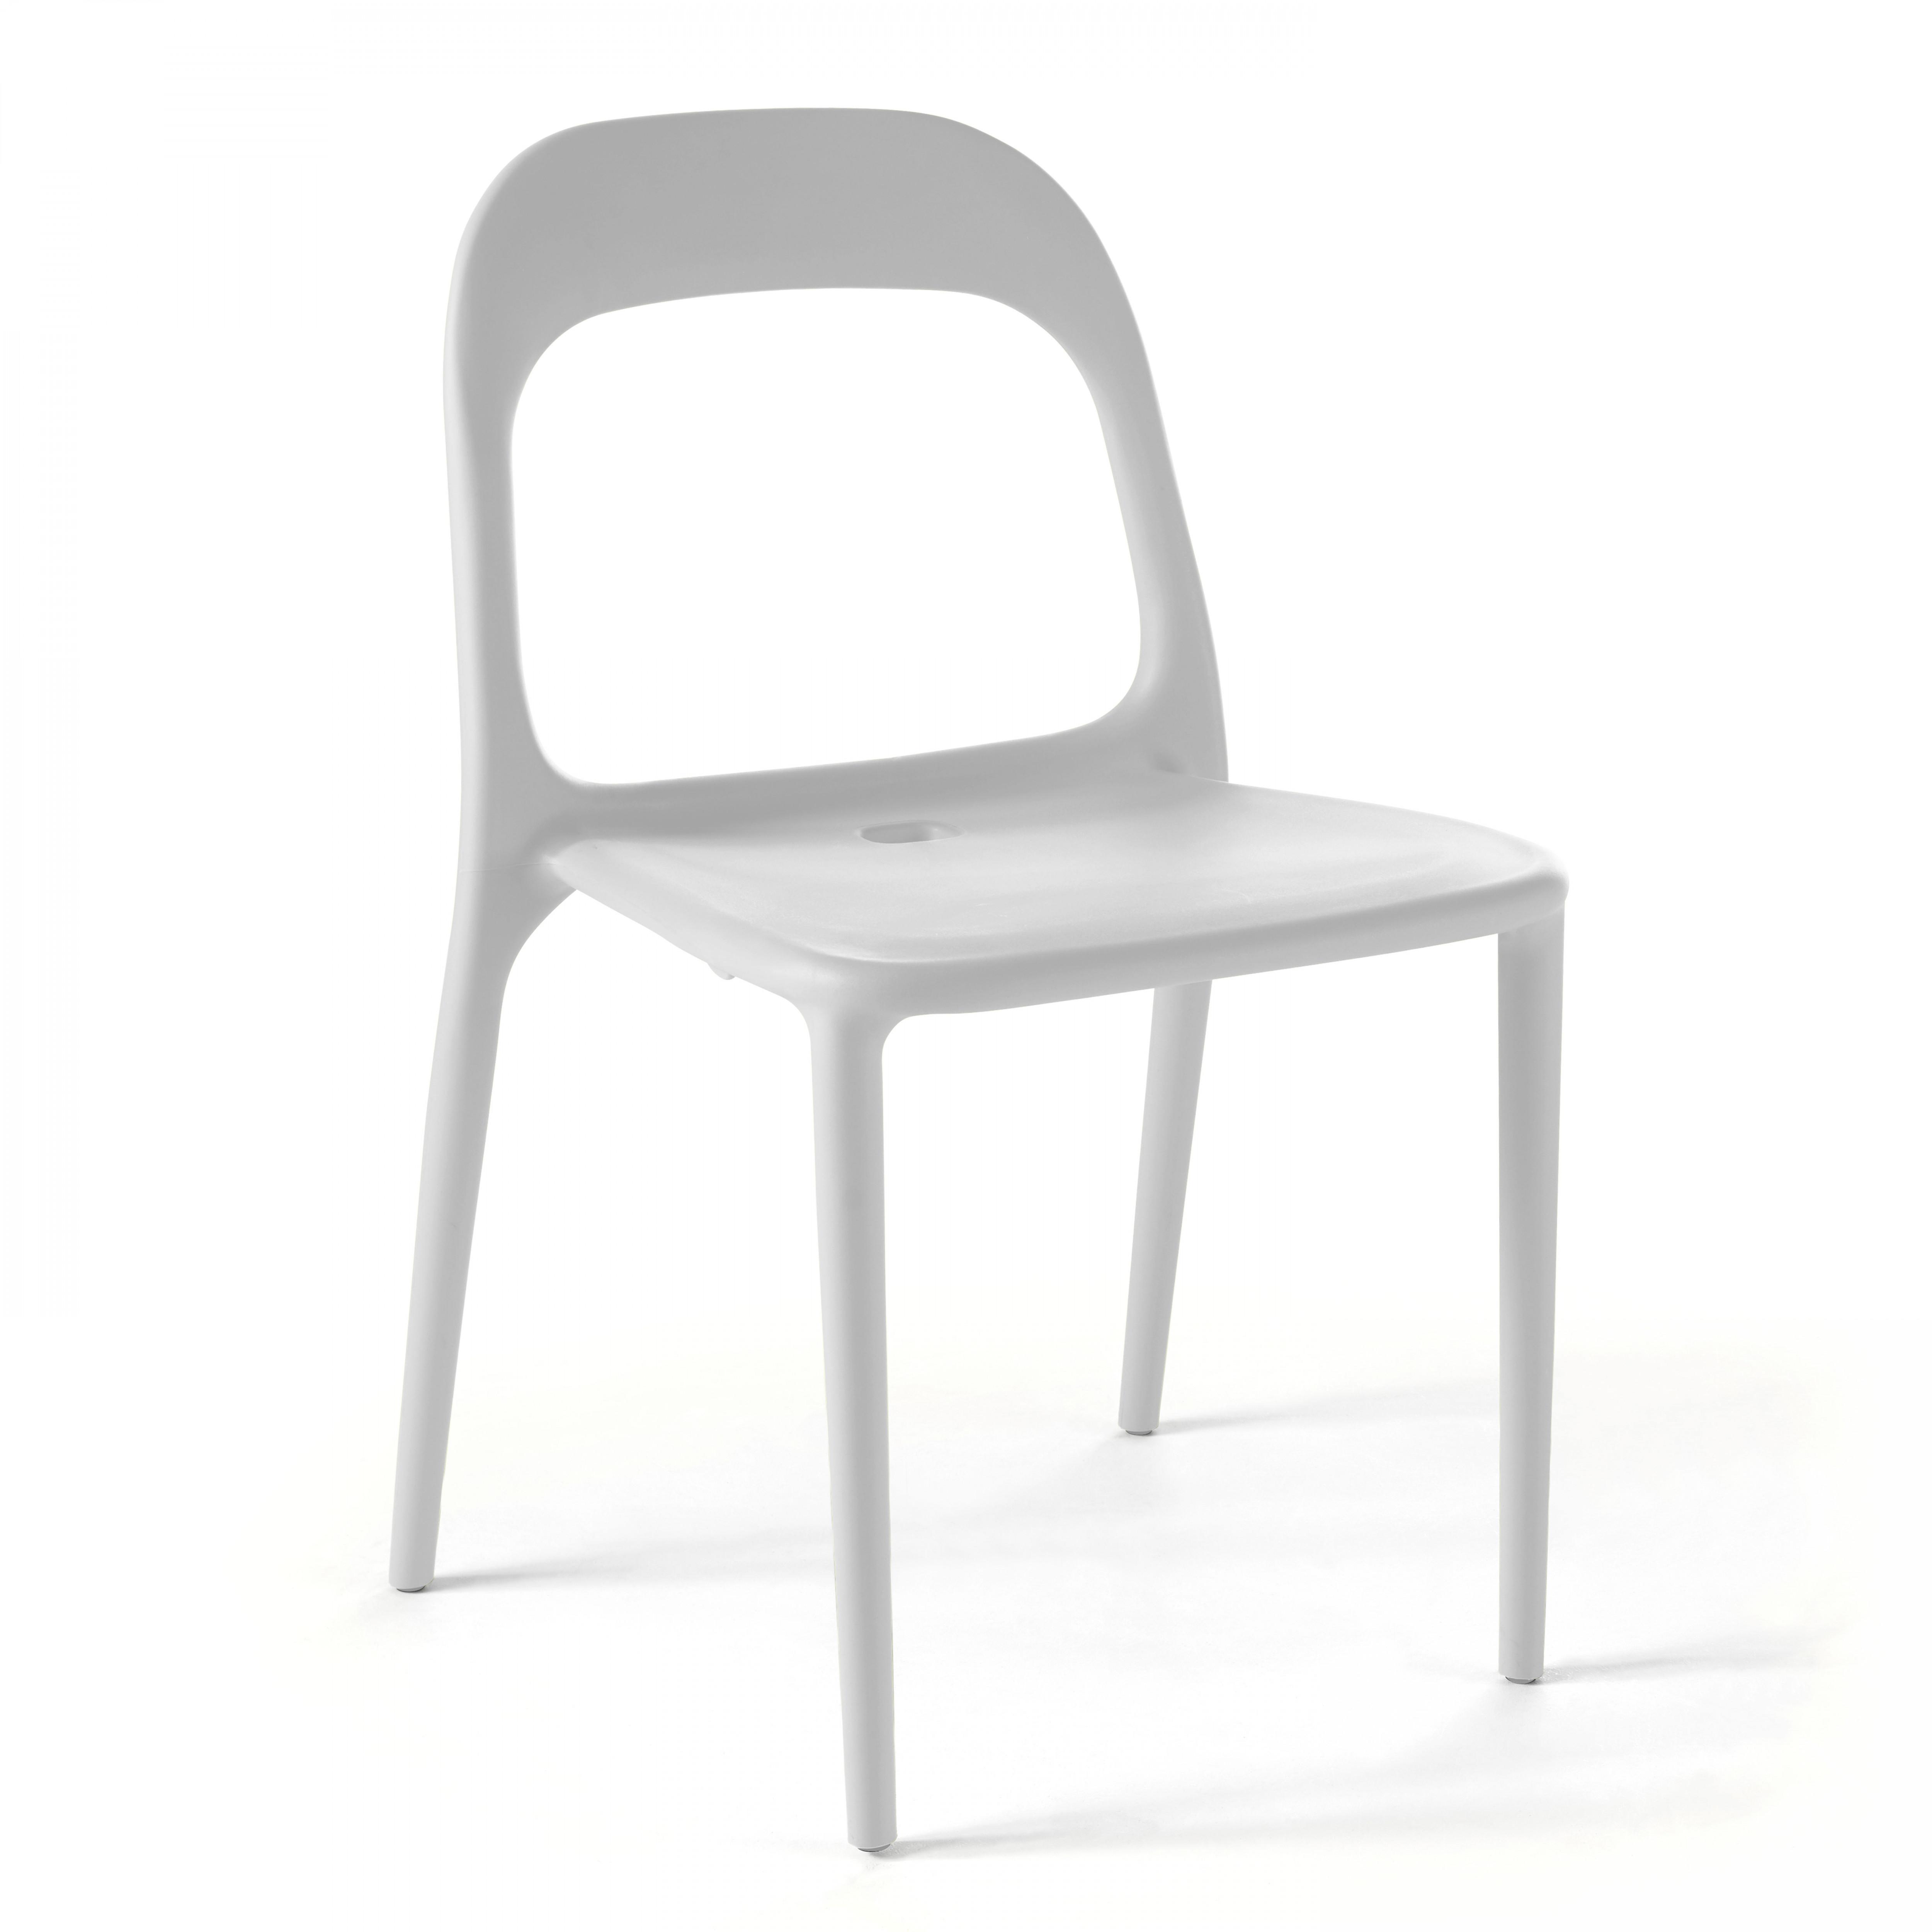 Chaise de jardin 1 place en plastique blanc